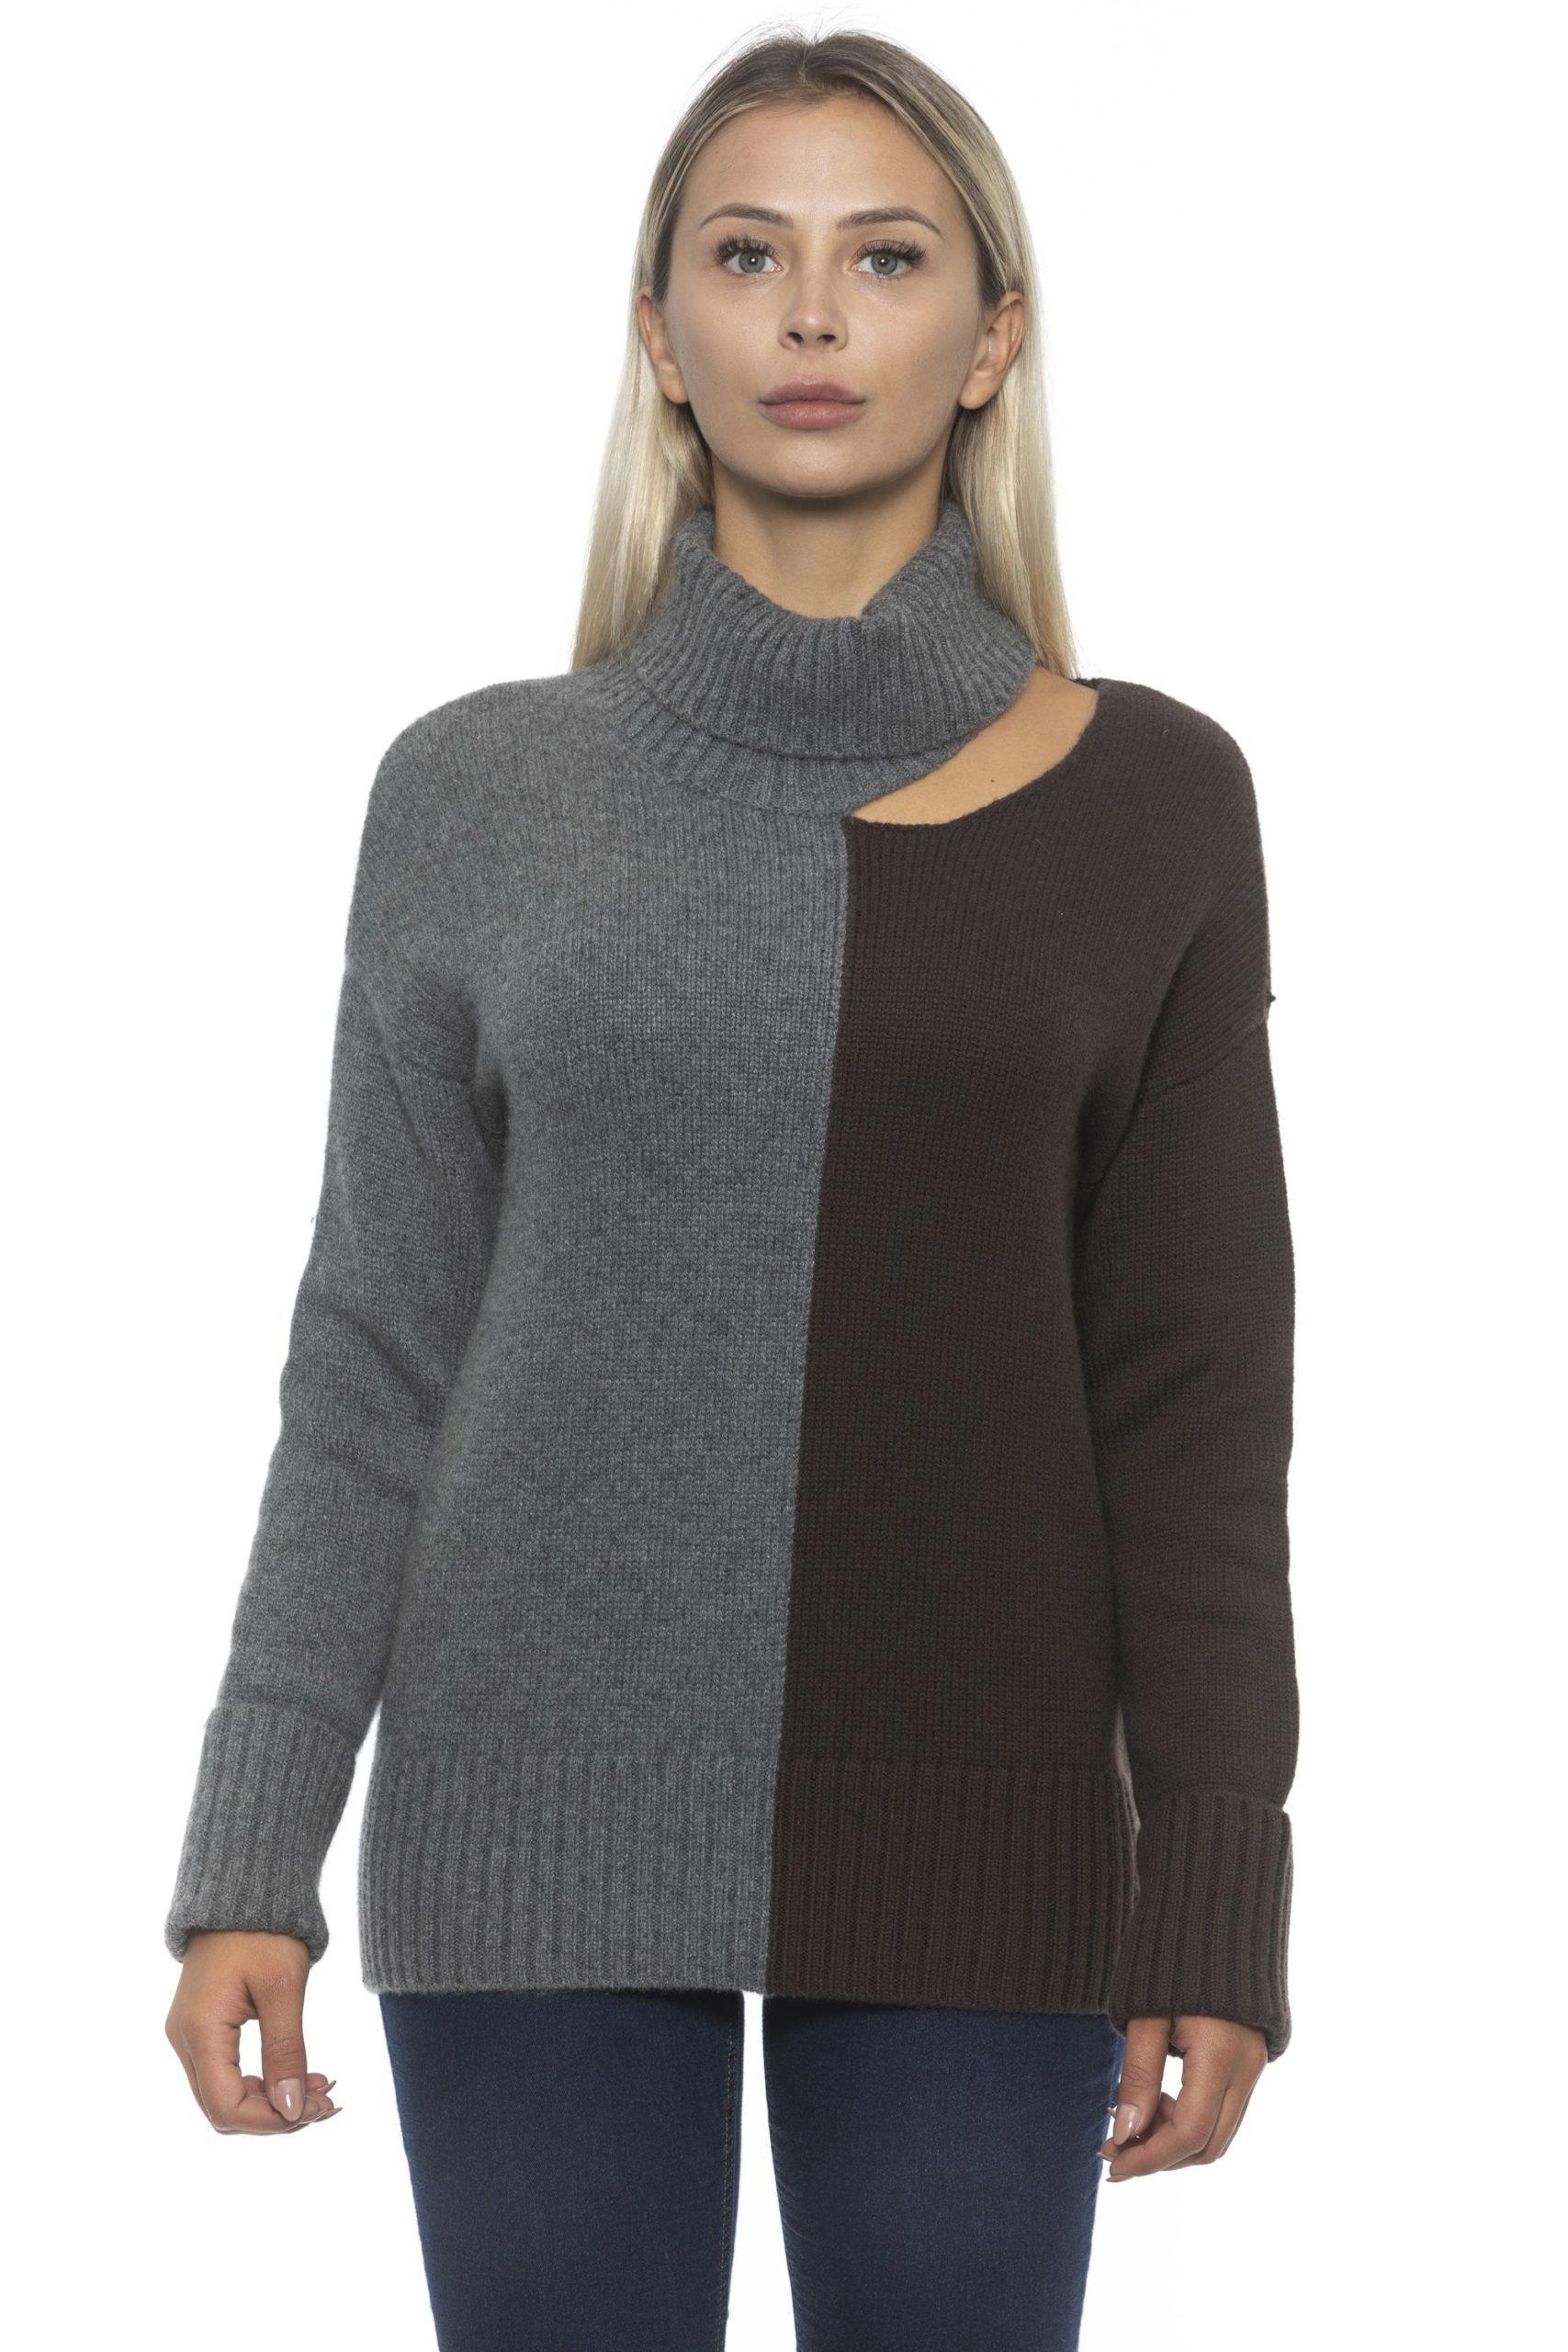 Alpha Studio Women's V A R. U N I C A Sweater Gray AL1192426 - IT42 | S